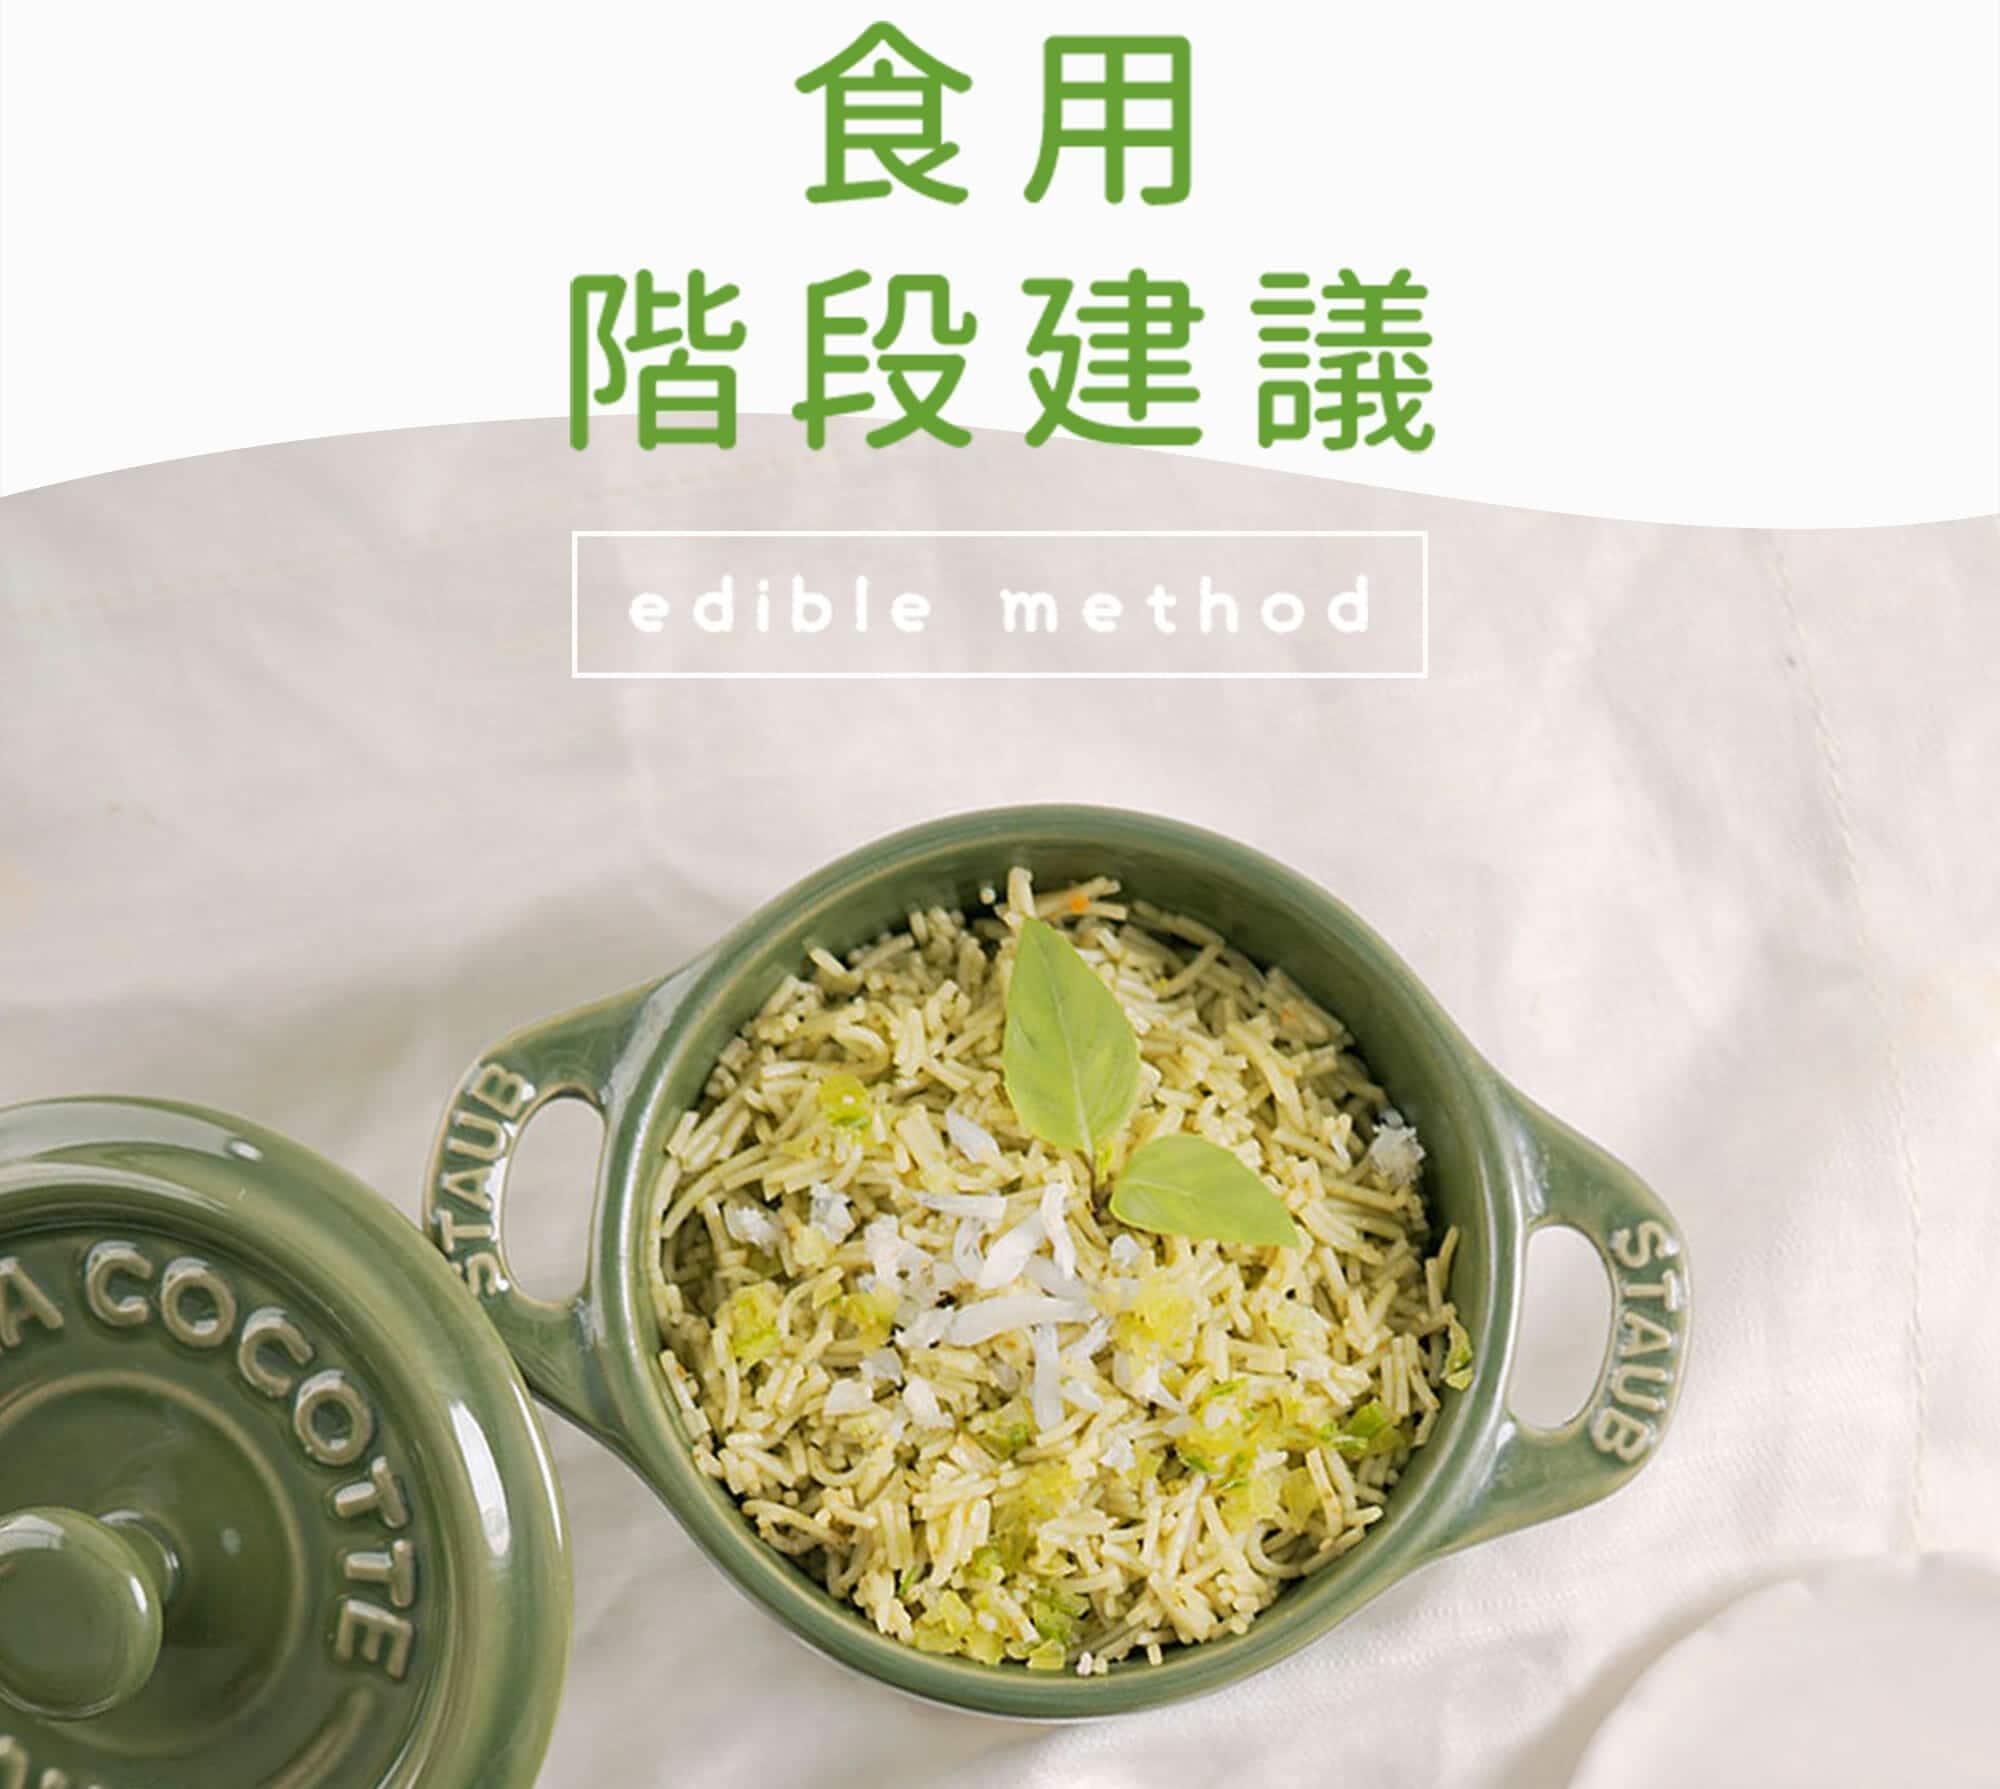 穗穗康健寶寶麵的食用階段建議